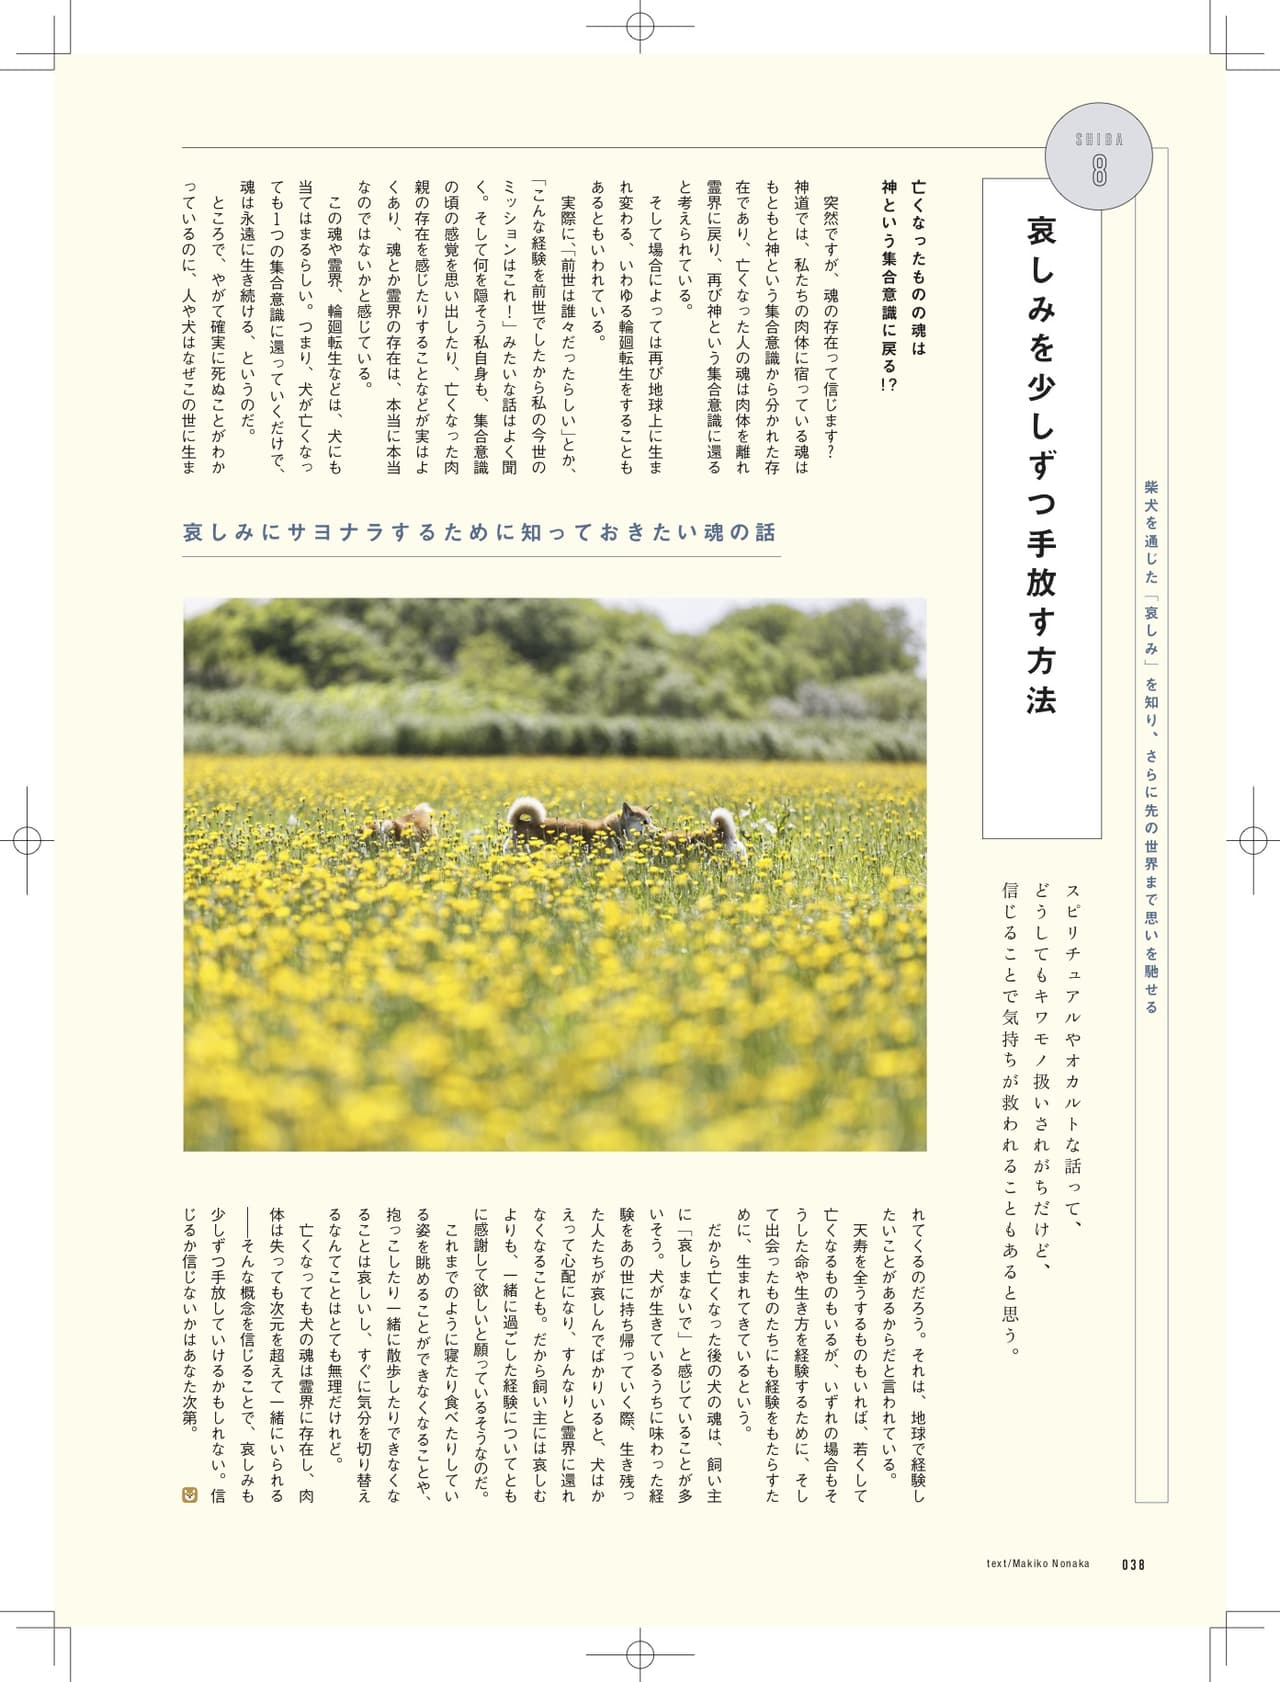 『柴犬ライフ vol.5』〜柴犬ってなんだ?〜の目次画像1